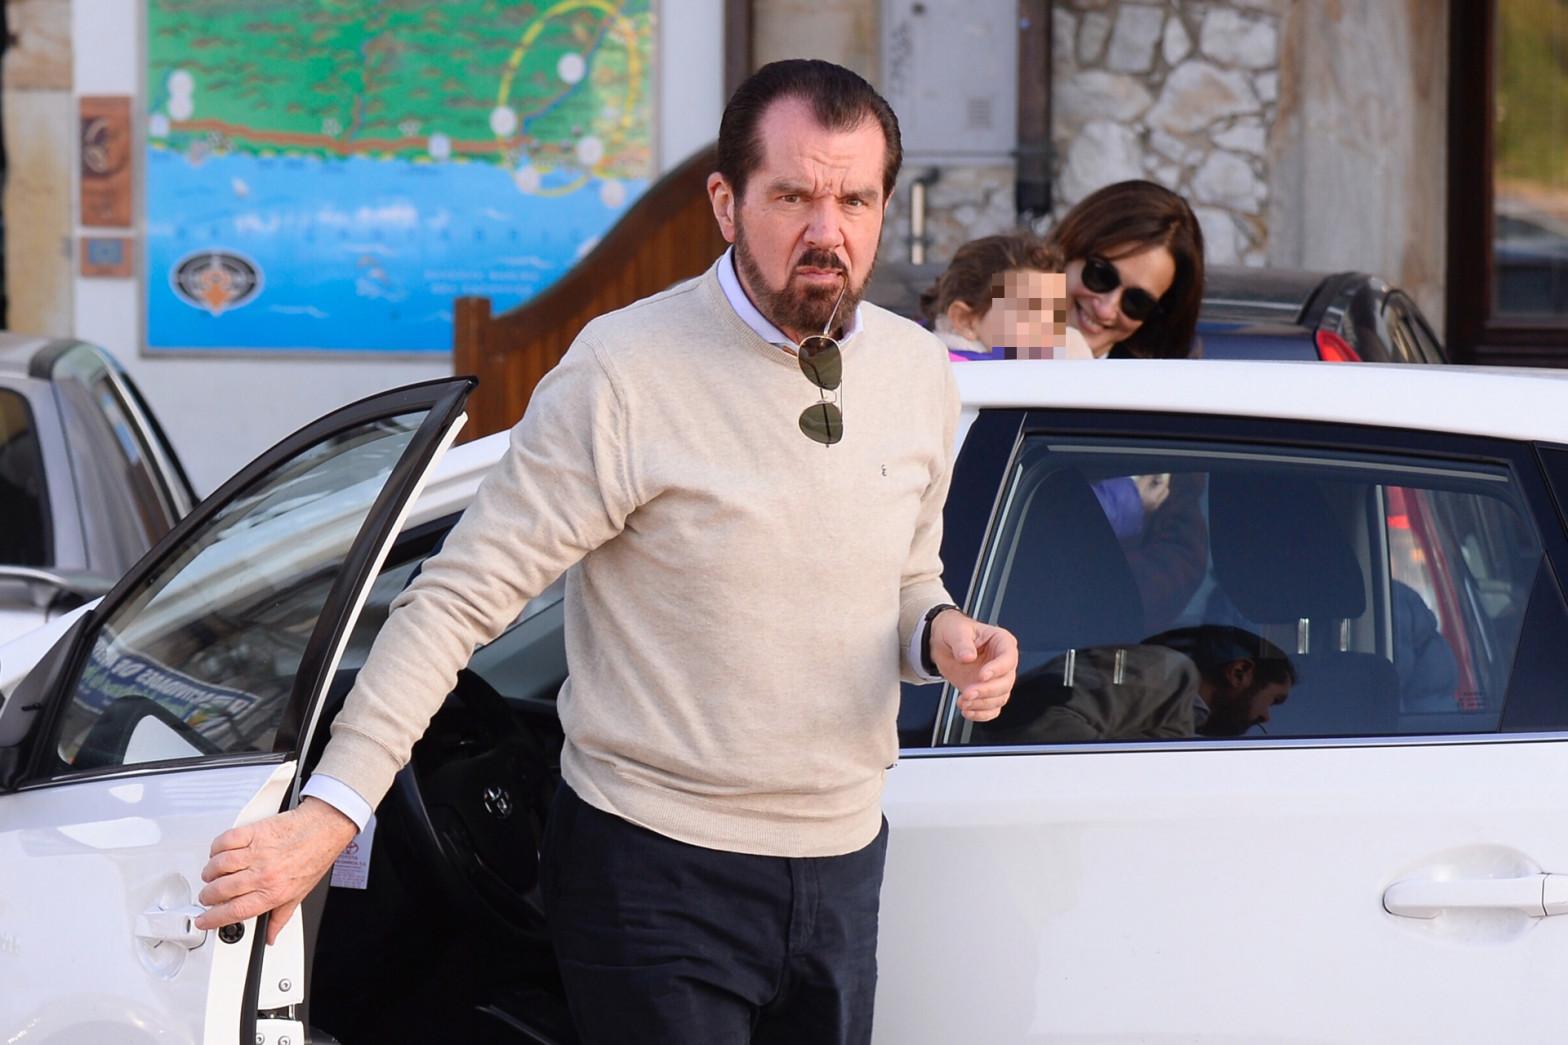 El radical cambio de vida del padre de Letizia Ortiz, reina de España